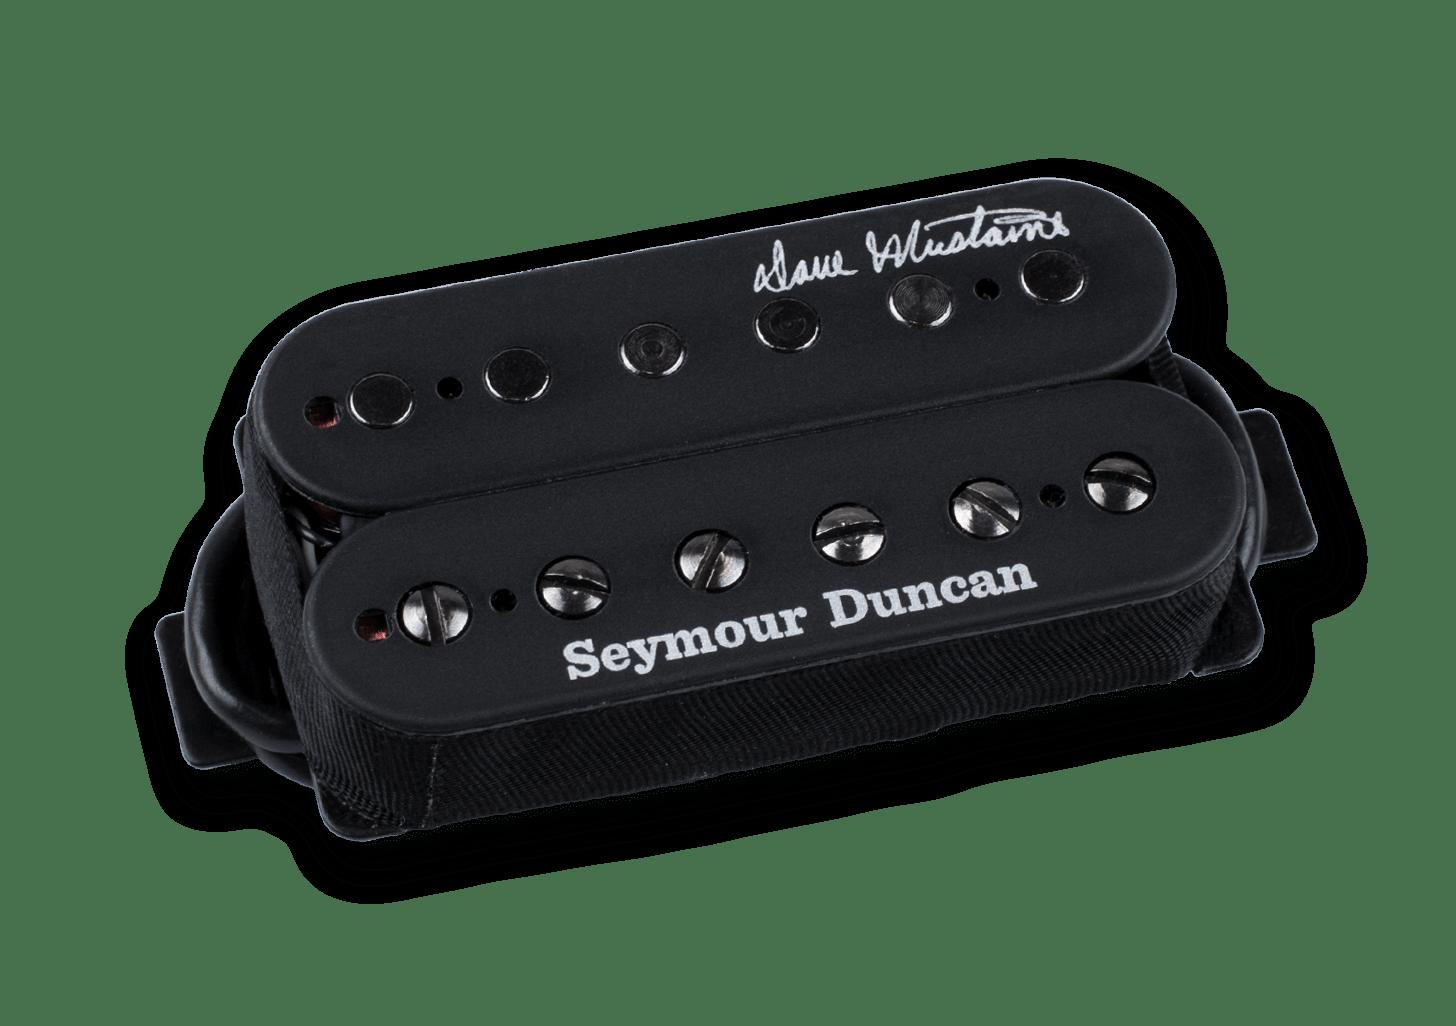 Signature Dave Mustaine Passive Humbucker Pickups